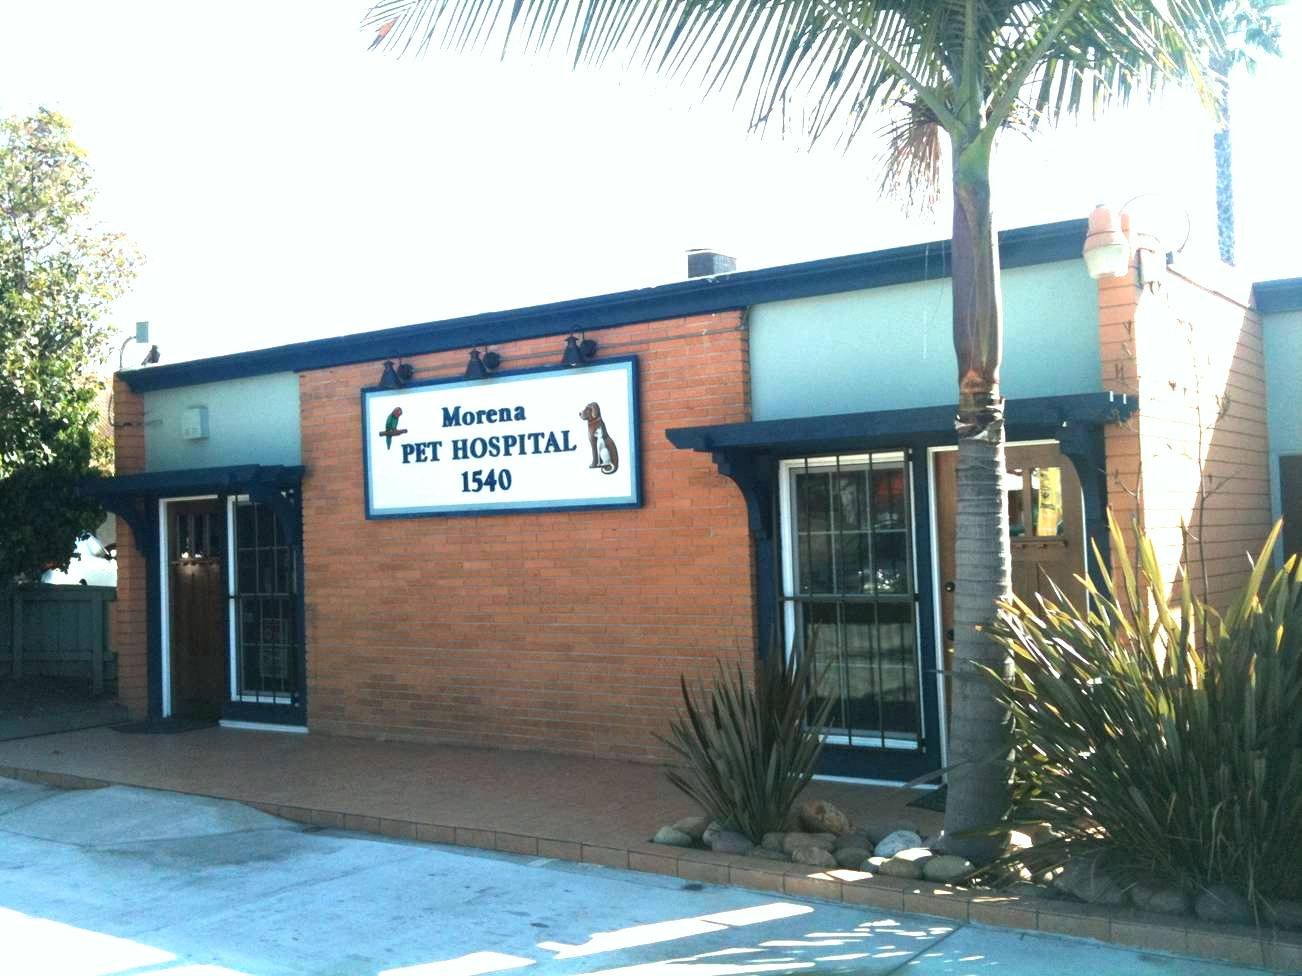 Morena Pet Hospital